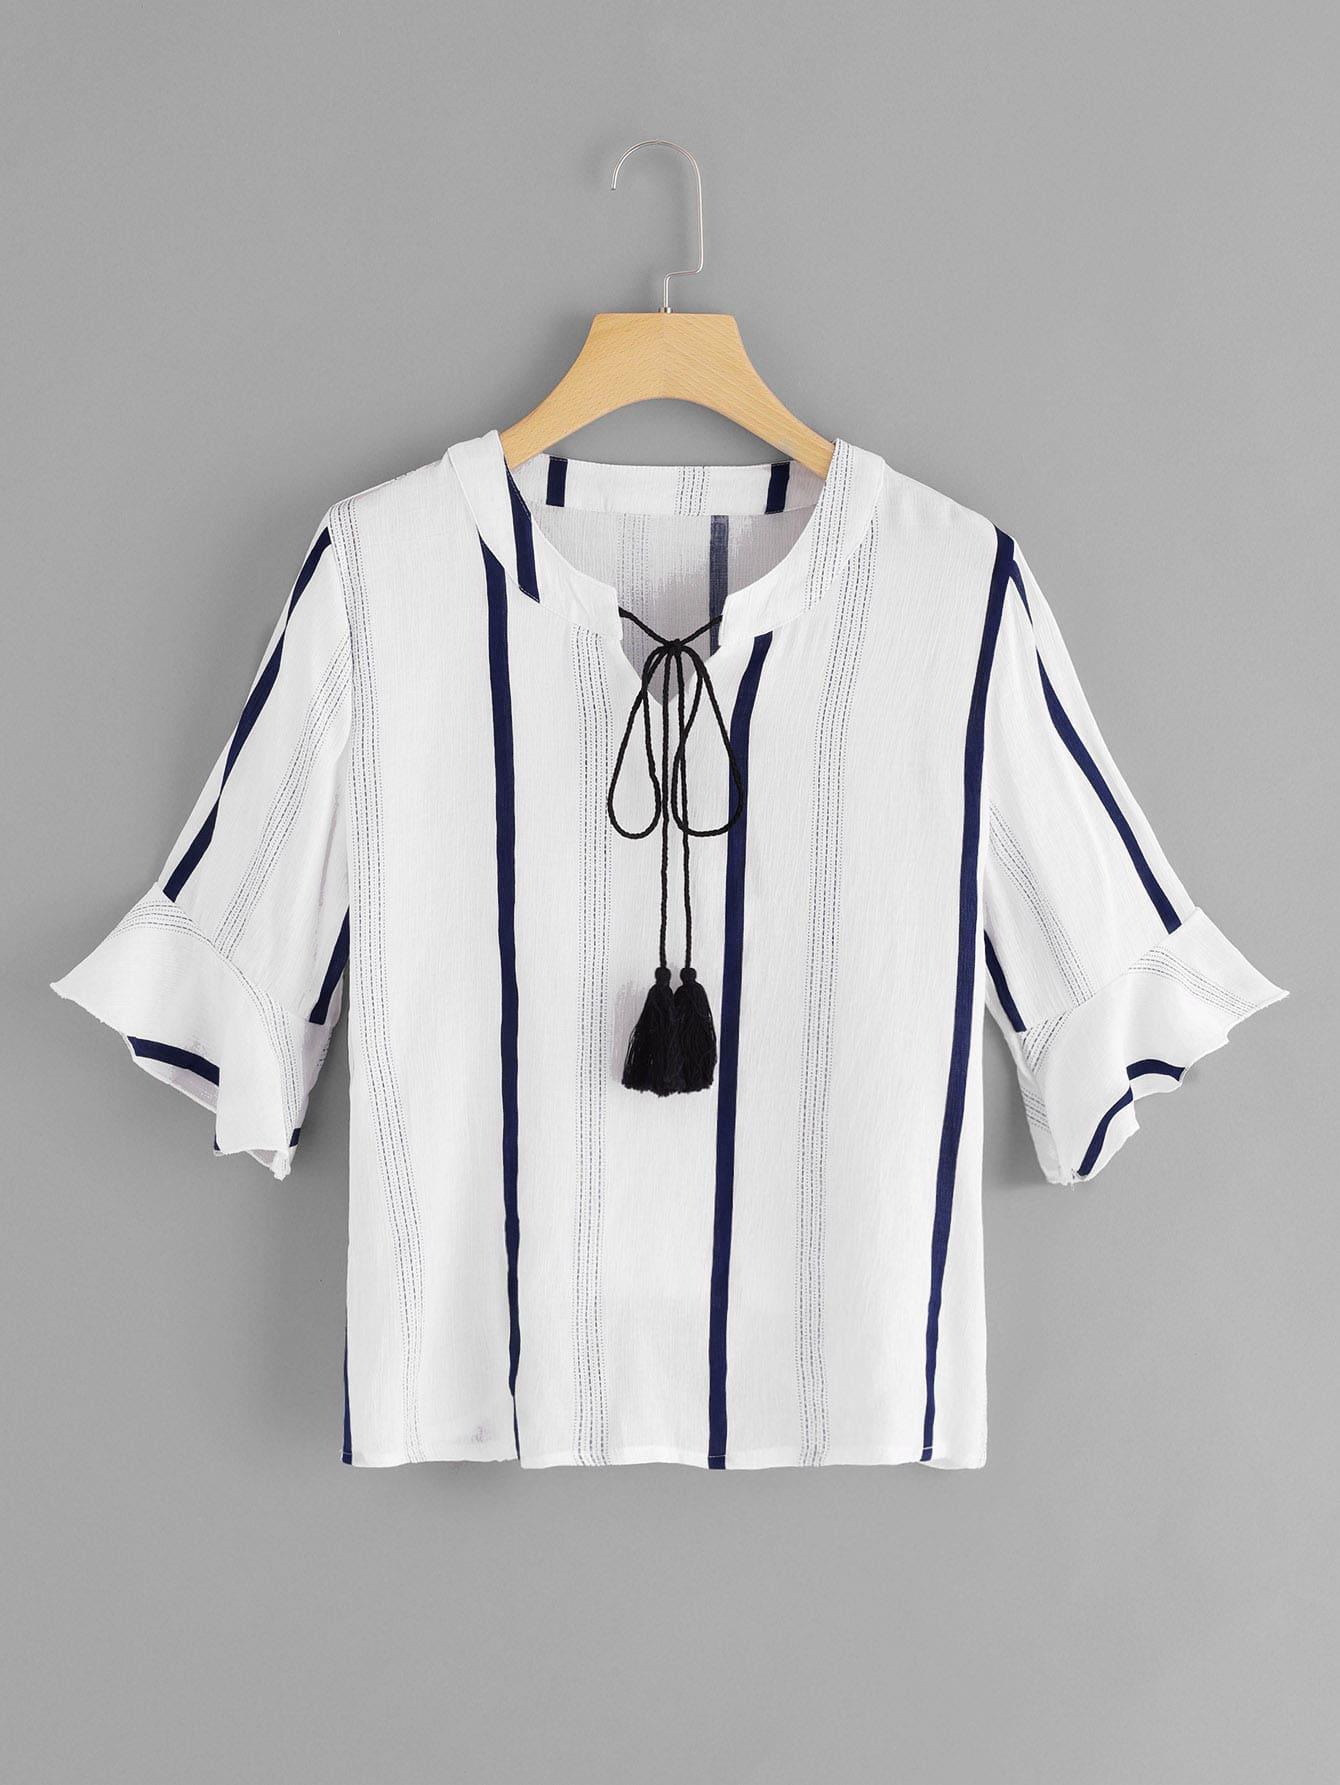 Bluse mit Fransen, Band auf dem Ausschnitt und Streifen